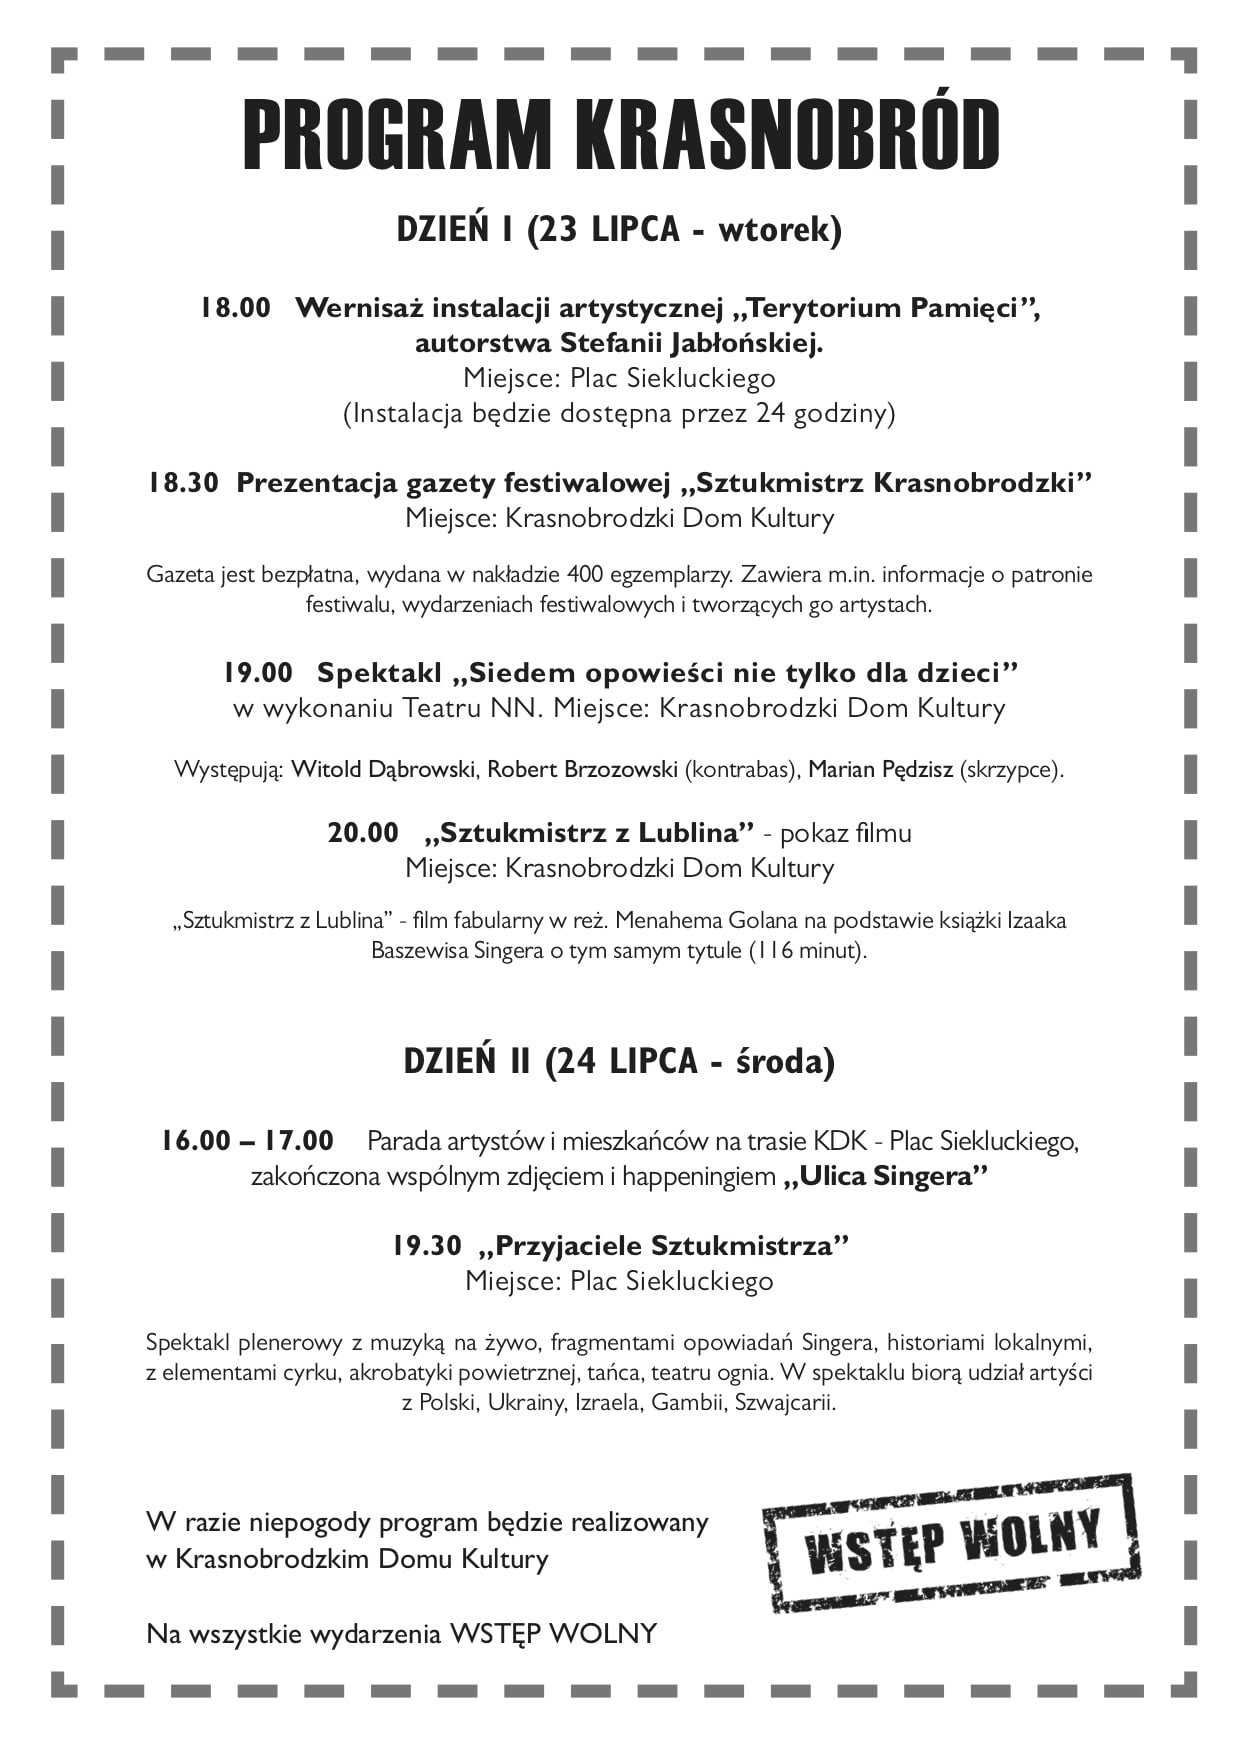 """11 program krasnobrod 2019 Festiwal """"Śladami Singera"""" znów wyrusza w podróż po Lubelszczyźnie.Odwiedzi też Szczebrzeszyn i Krasnobród"""